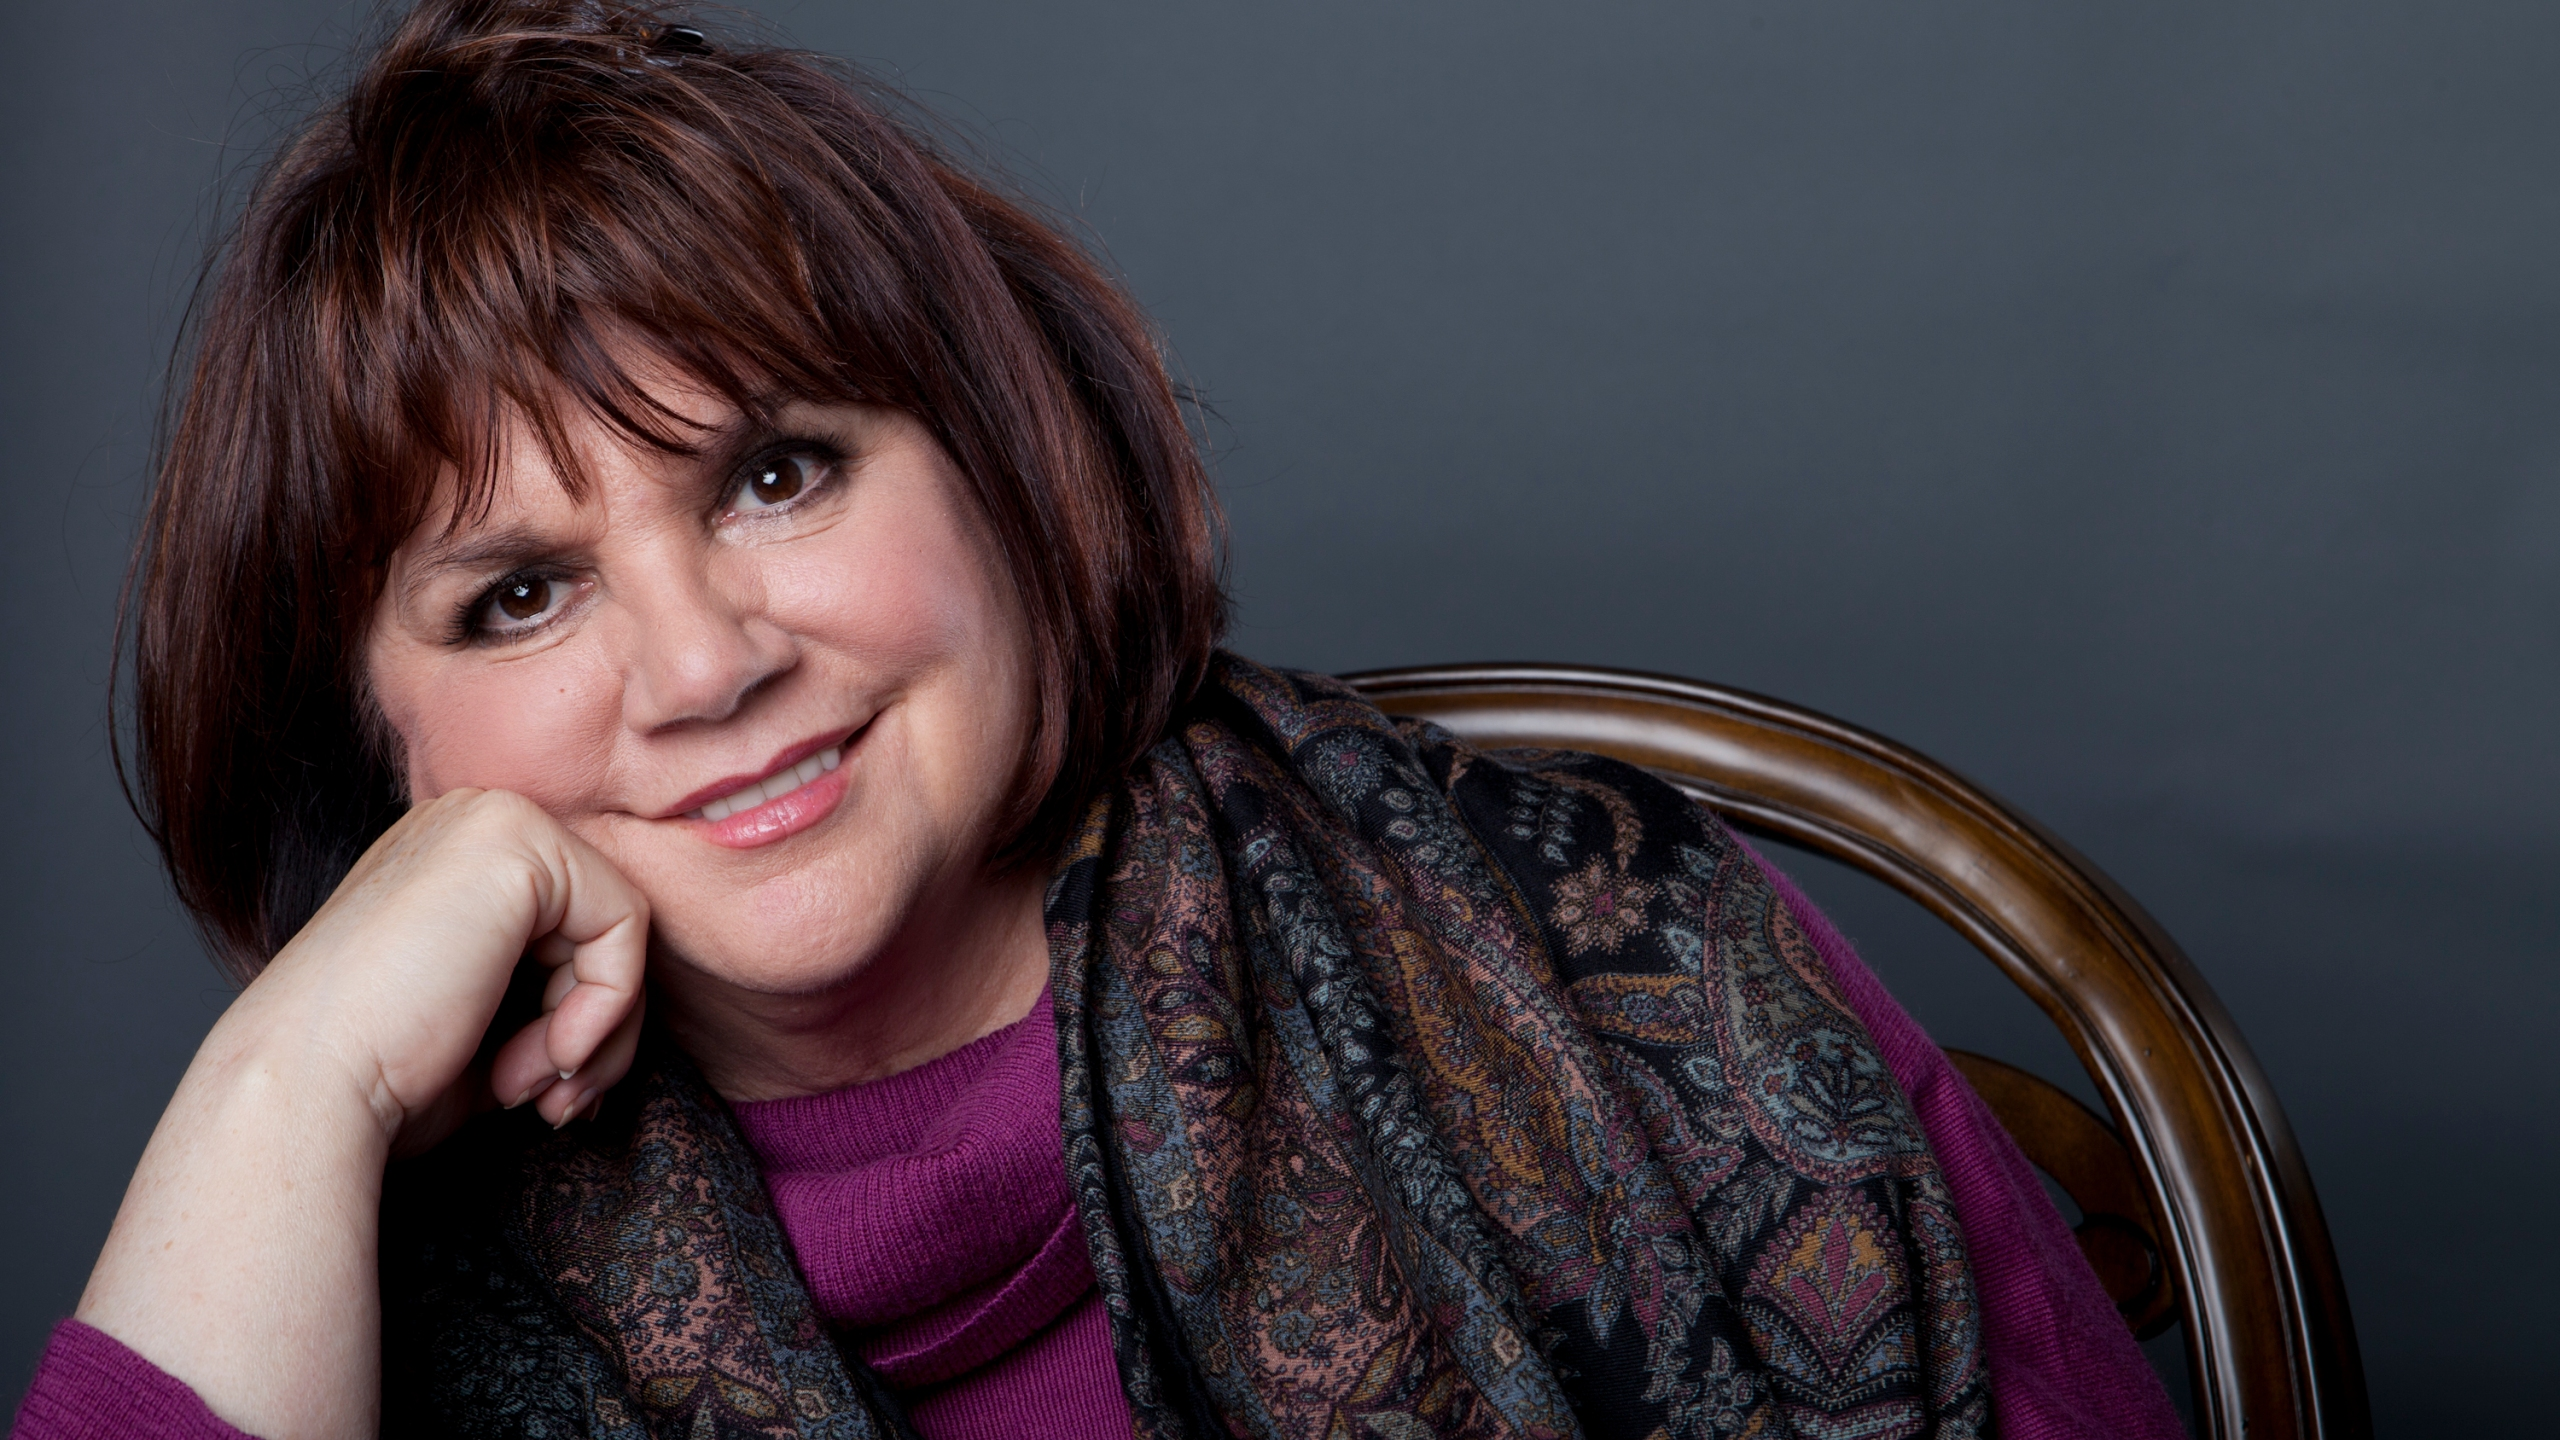 Linda Ronstadt